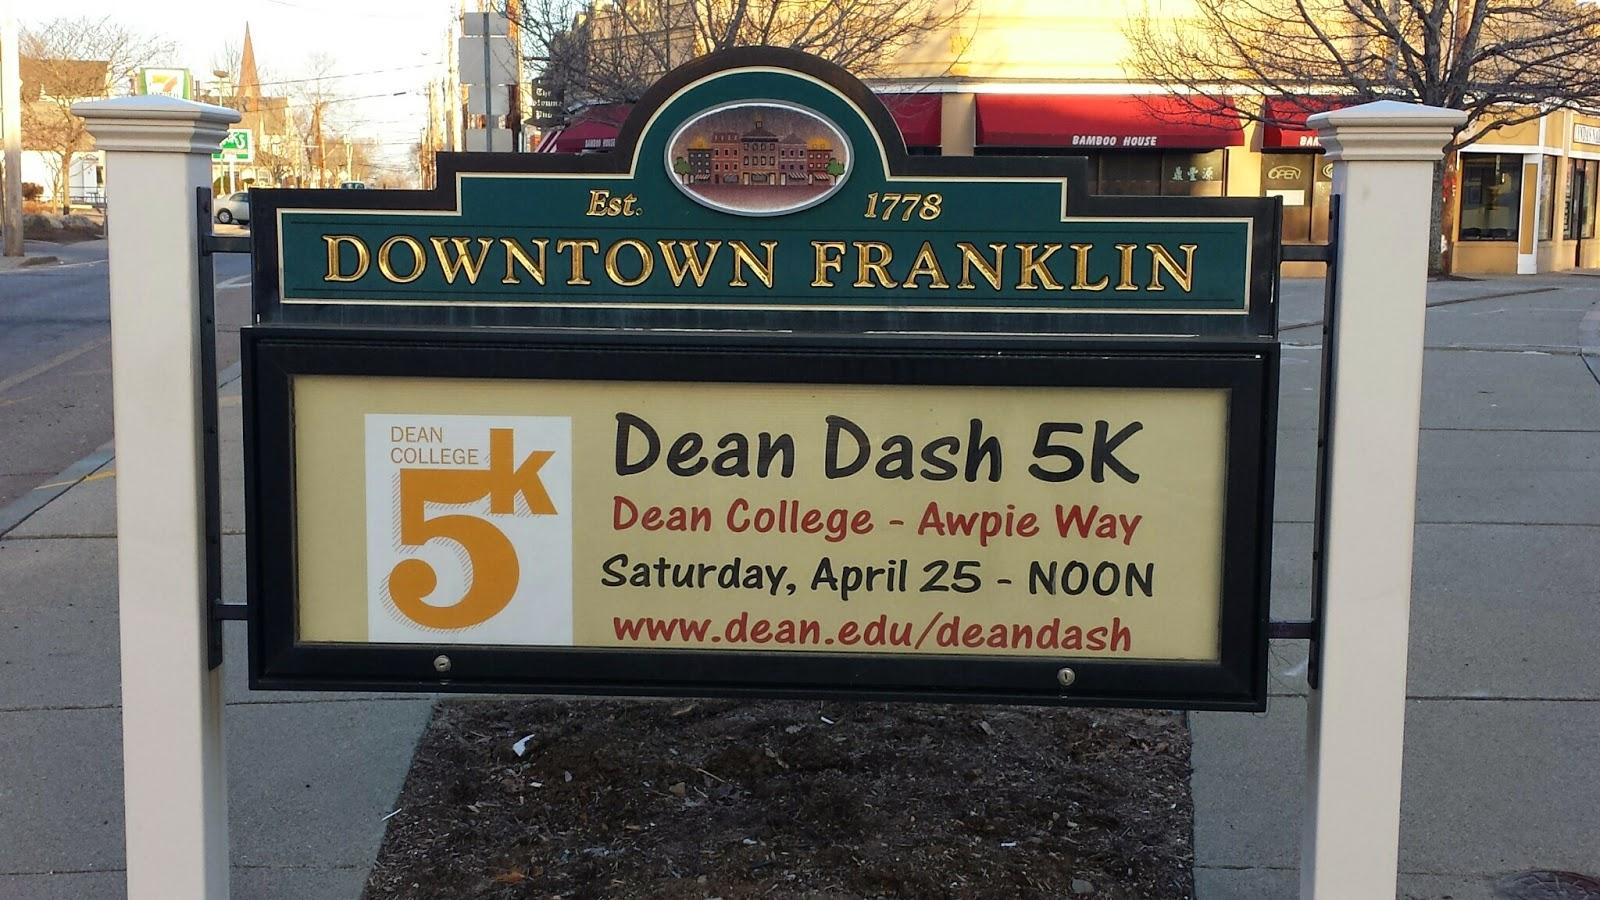 Dean Dash 5K - April 25 - noon